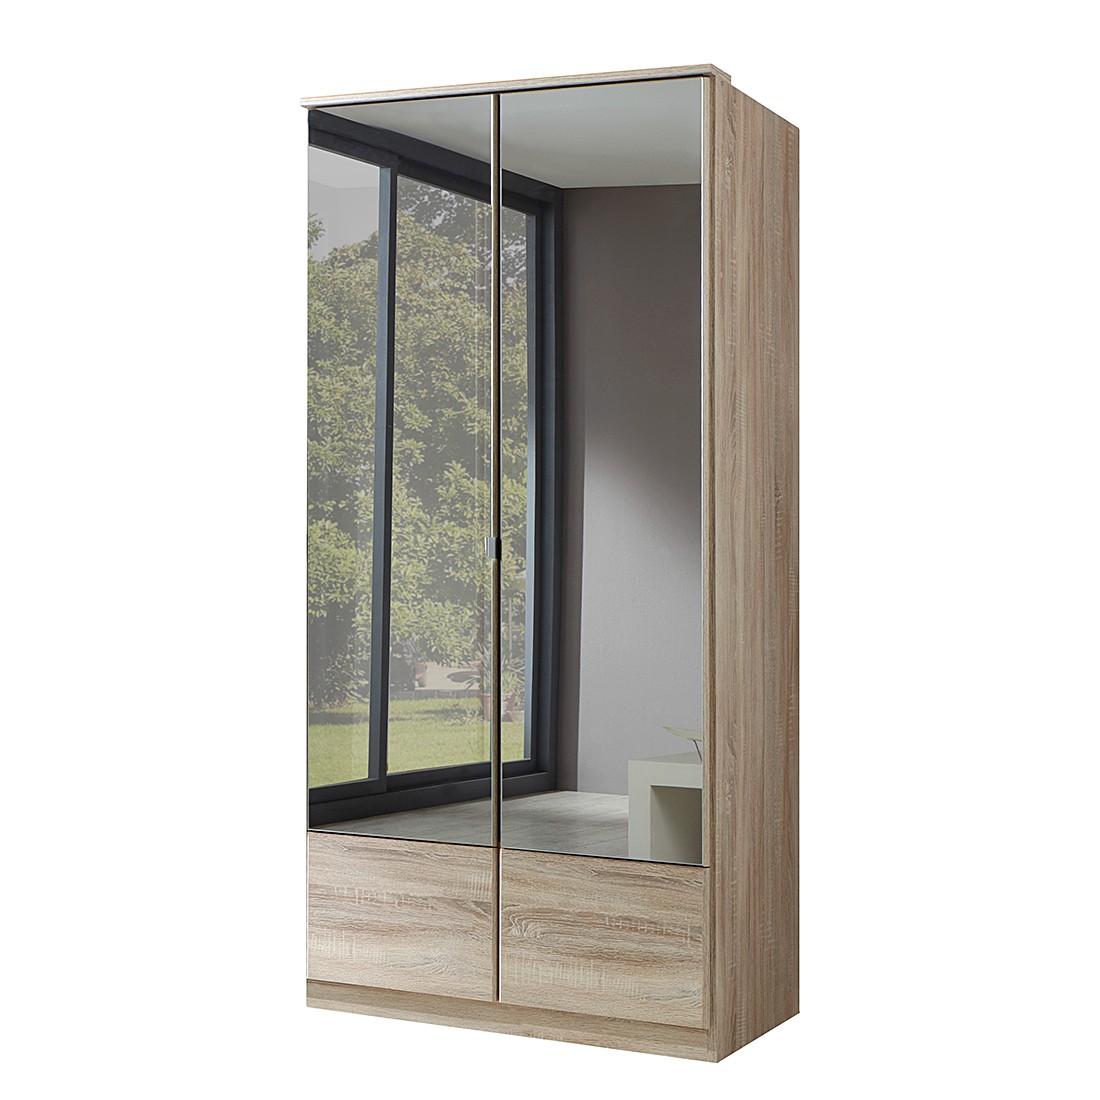 Armoire à portes battantes Vanity – Chêne brut de sciage - Largeur 90 cm, Wimex